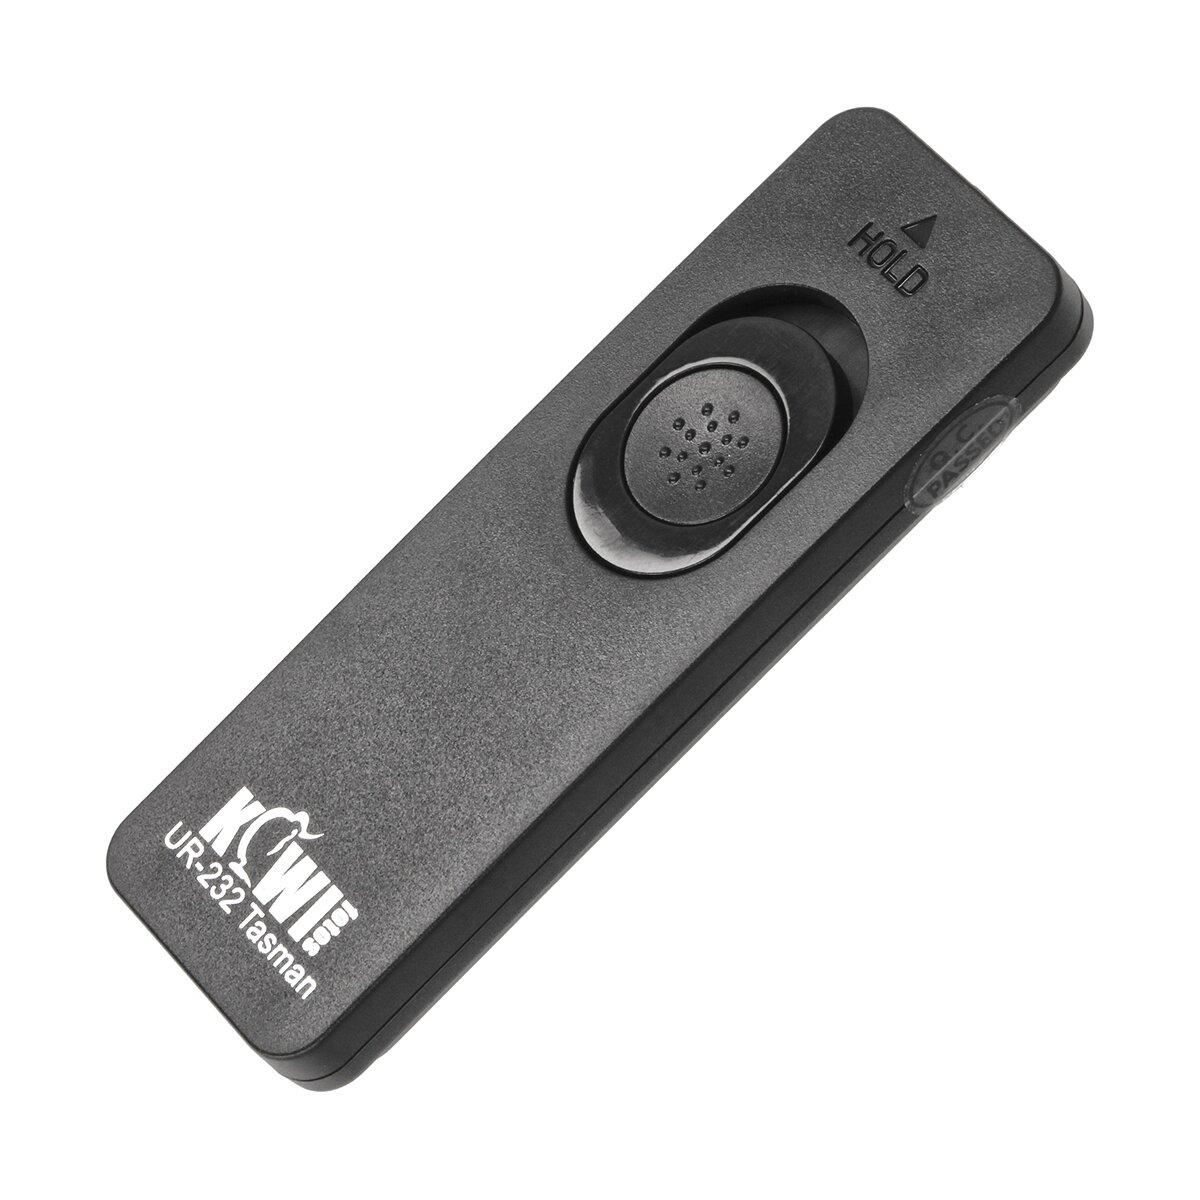 KIWI Fernauslöser mit auswechselbarem Kabel | Geeignet für Pentax K-70, Canon, Nikon, Sony, Olympus Kameras | Mit zweistufige Auslösetaste für Einzelbilder, Serienbilder, Langzeitbelichtung